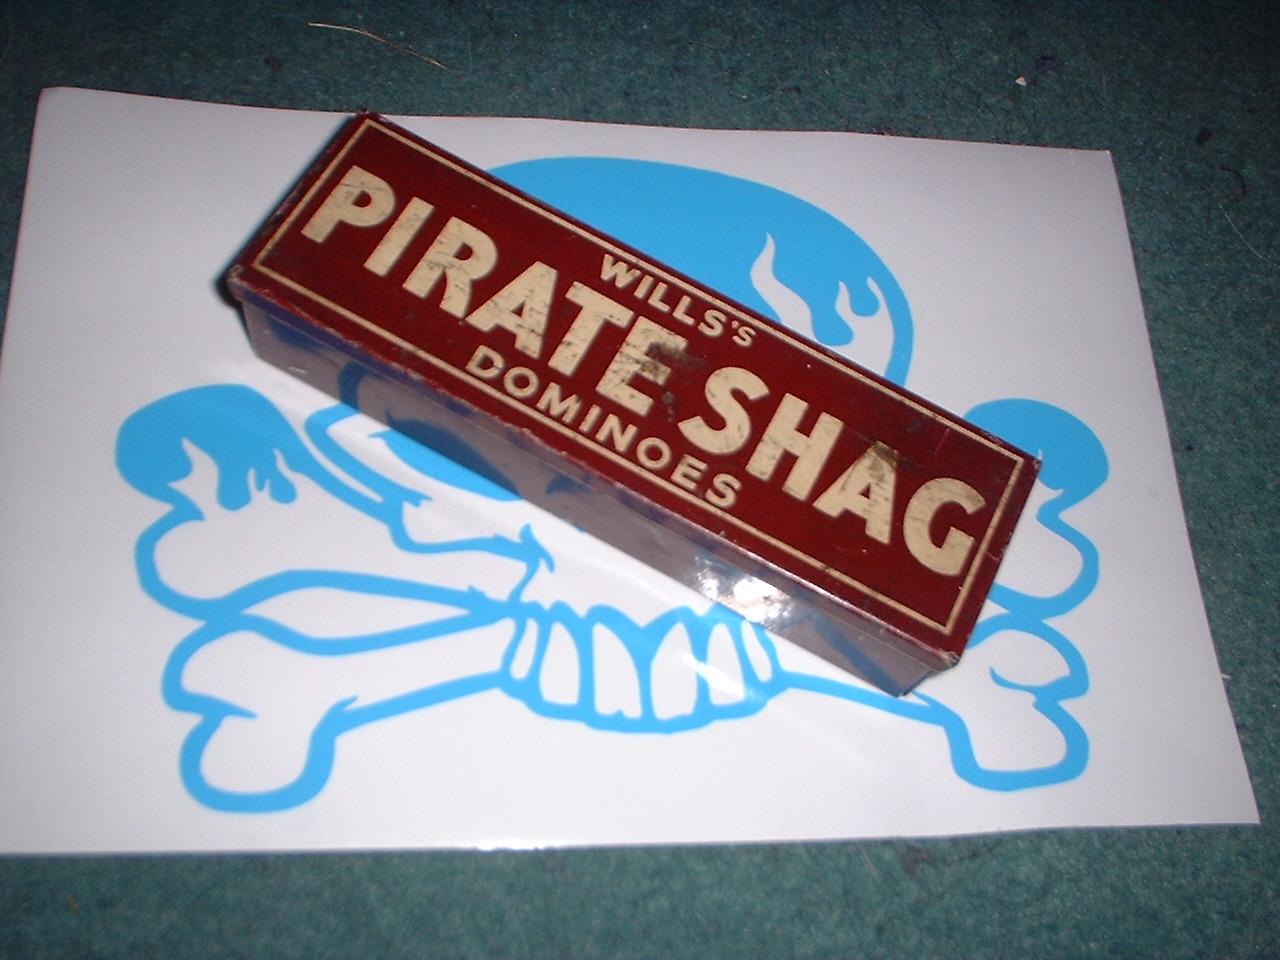 PirateShag.JPG